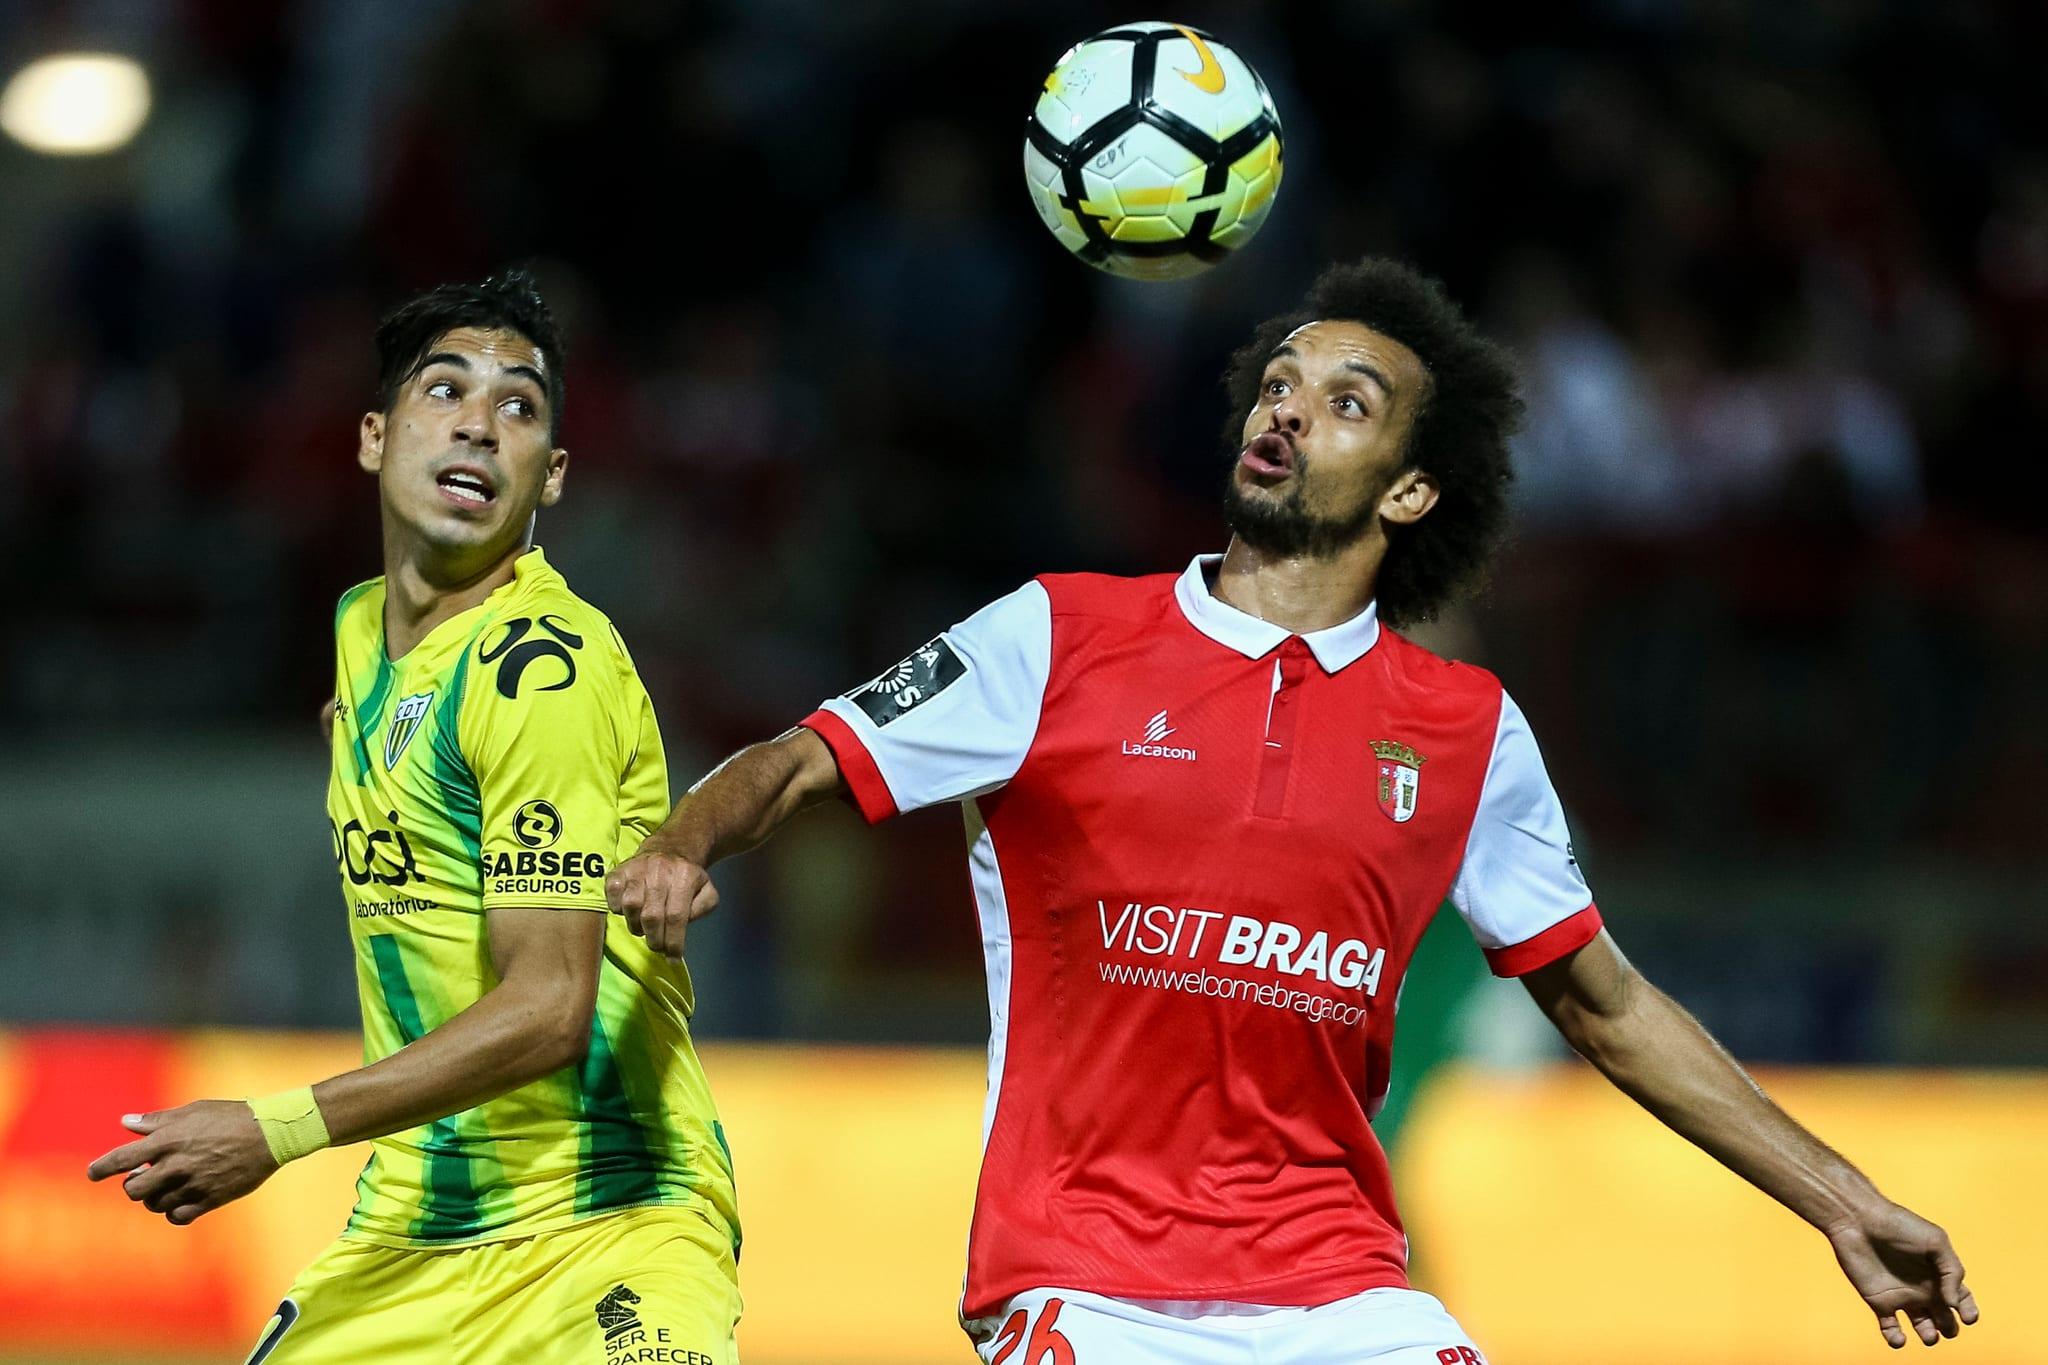 PÚBLICO - Sp. Braga vence em Tondela e sobe a quinto